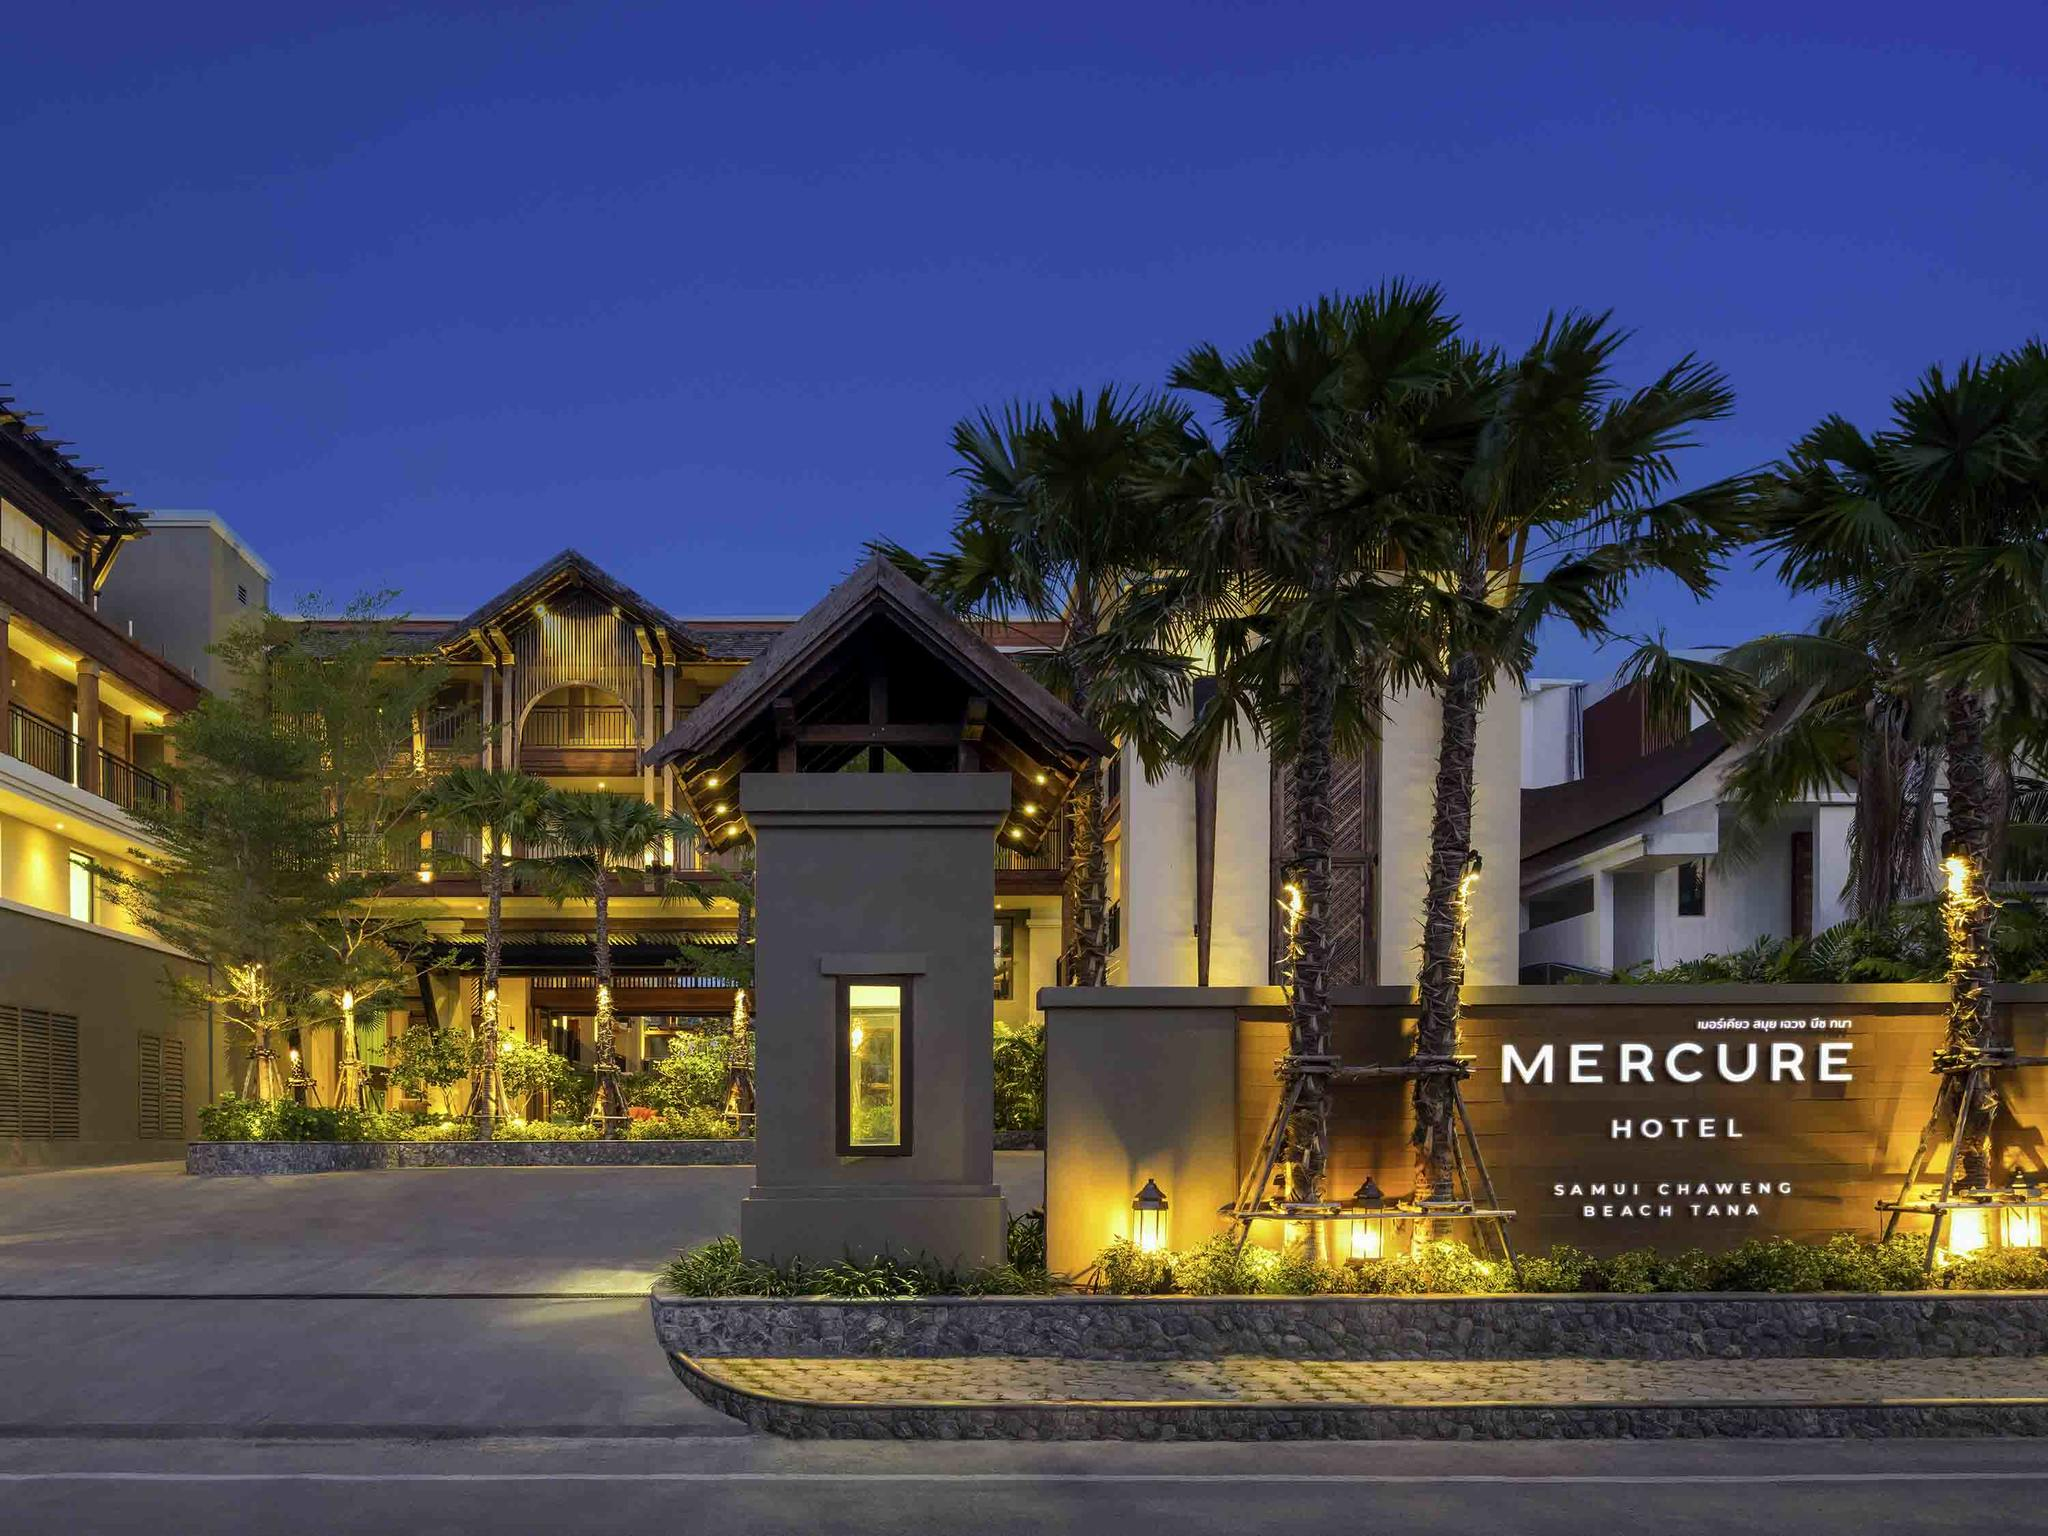 Hotel – Mercure Samui Chaweng Tana